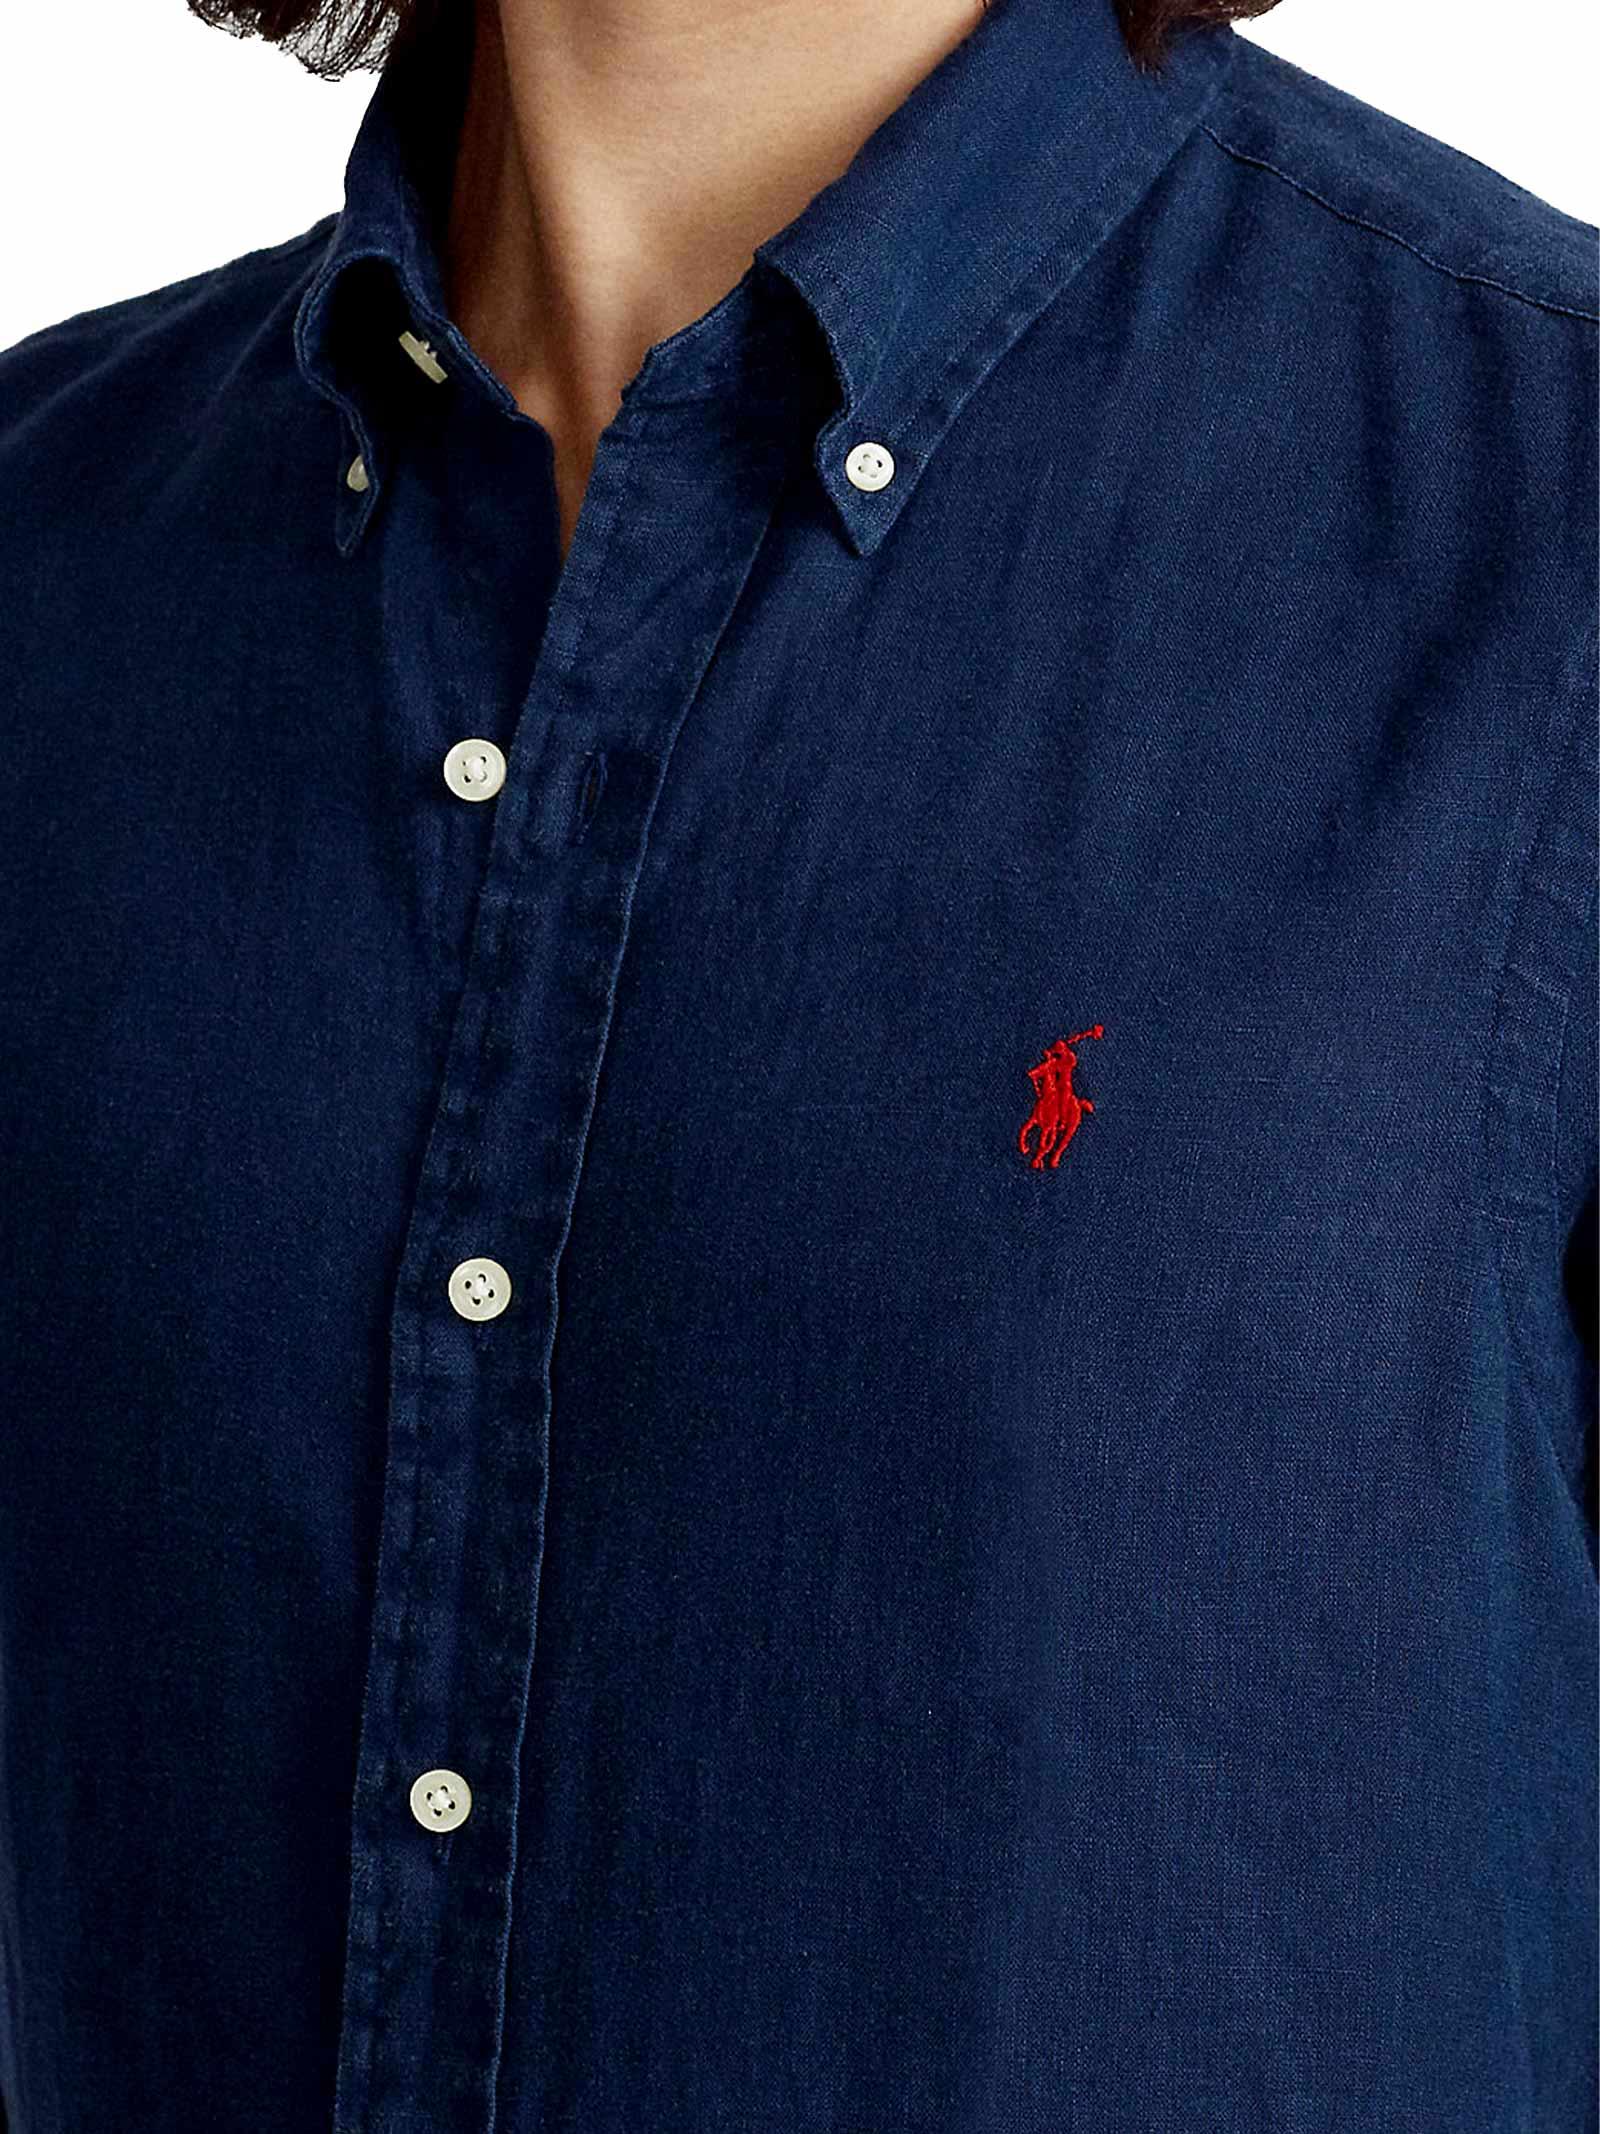 RALPH LAUREN | Shirt | 710-829443001